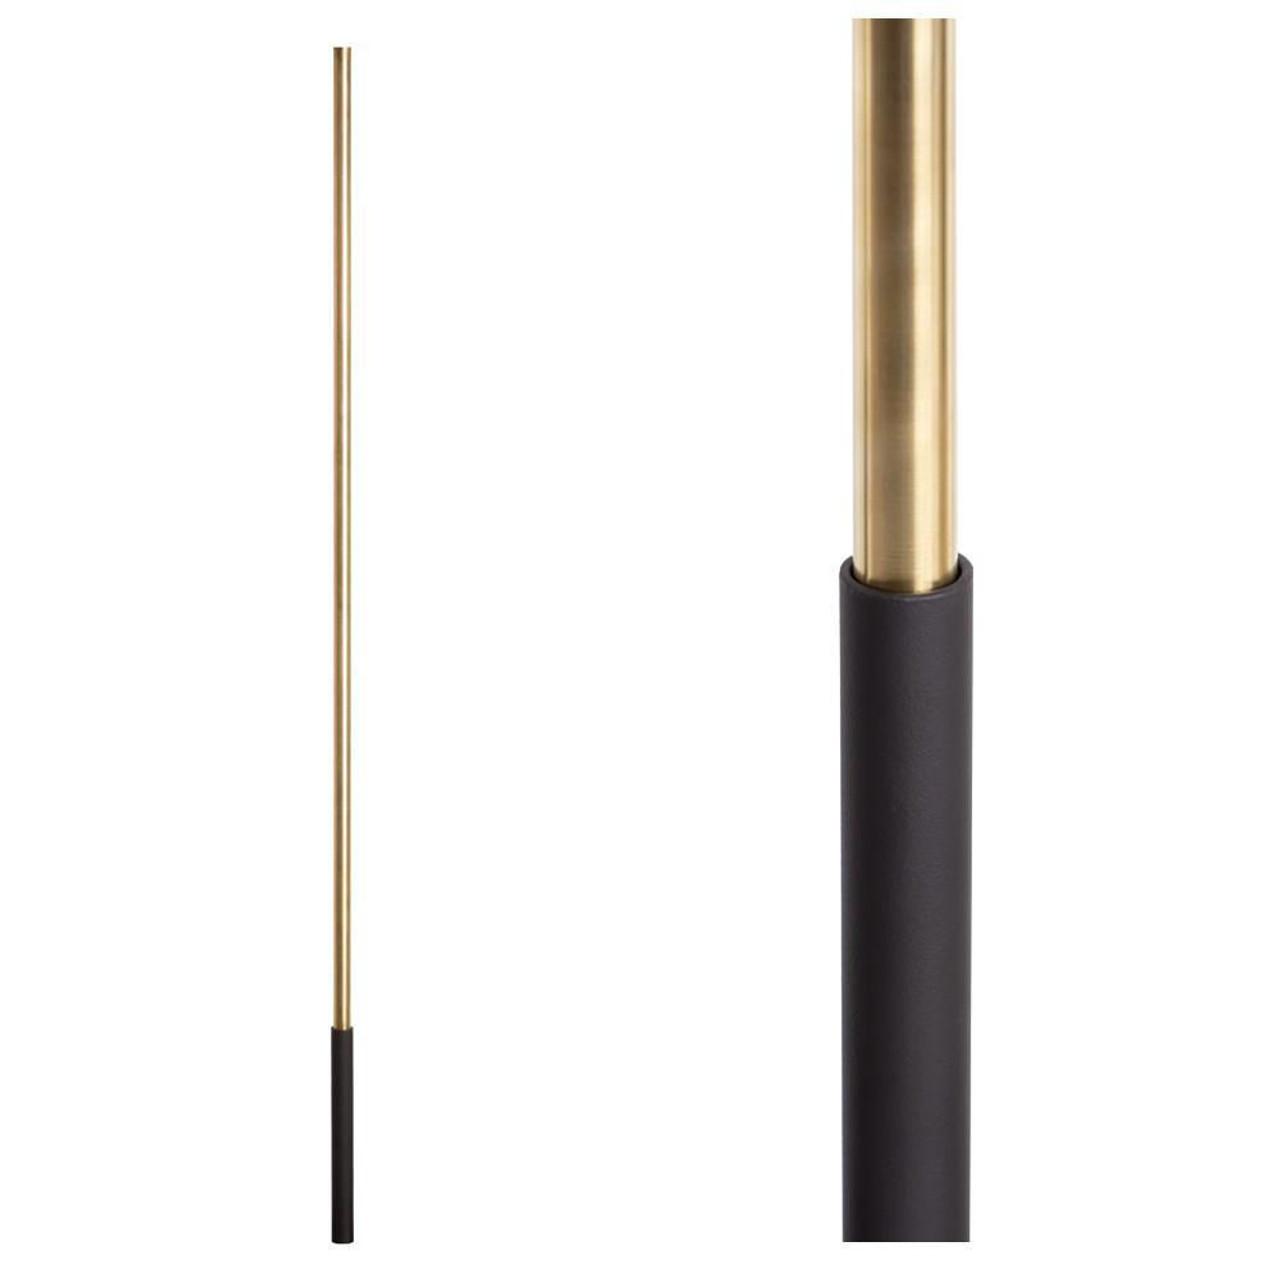 SoHo - Satin Black Base on Brass Baluster (16.4.1) One Sleeve